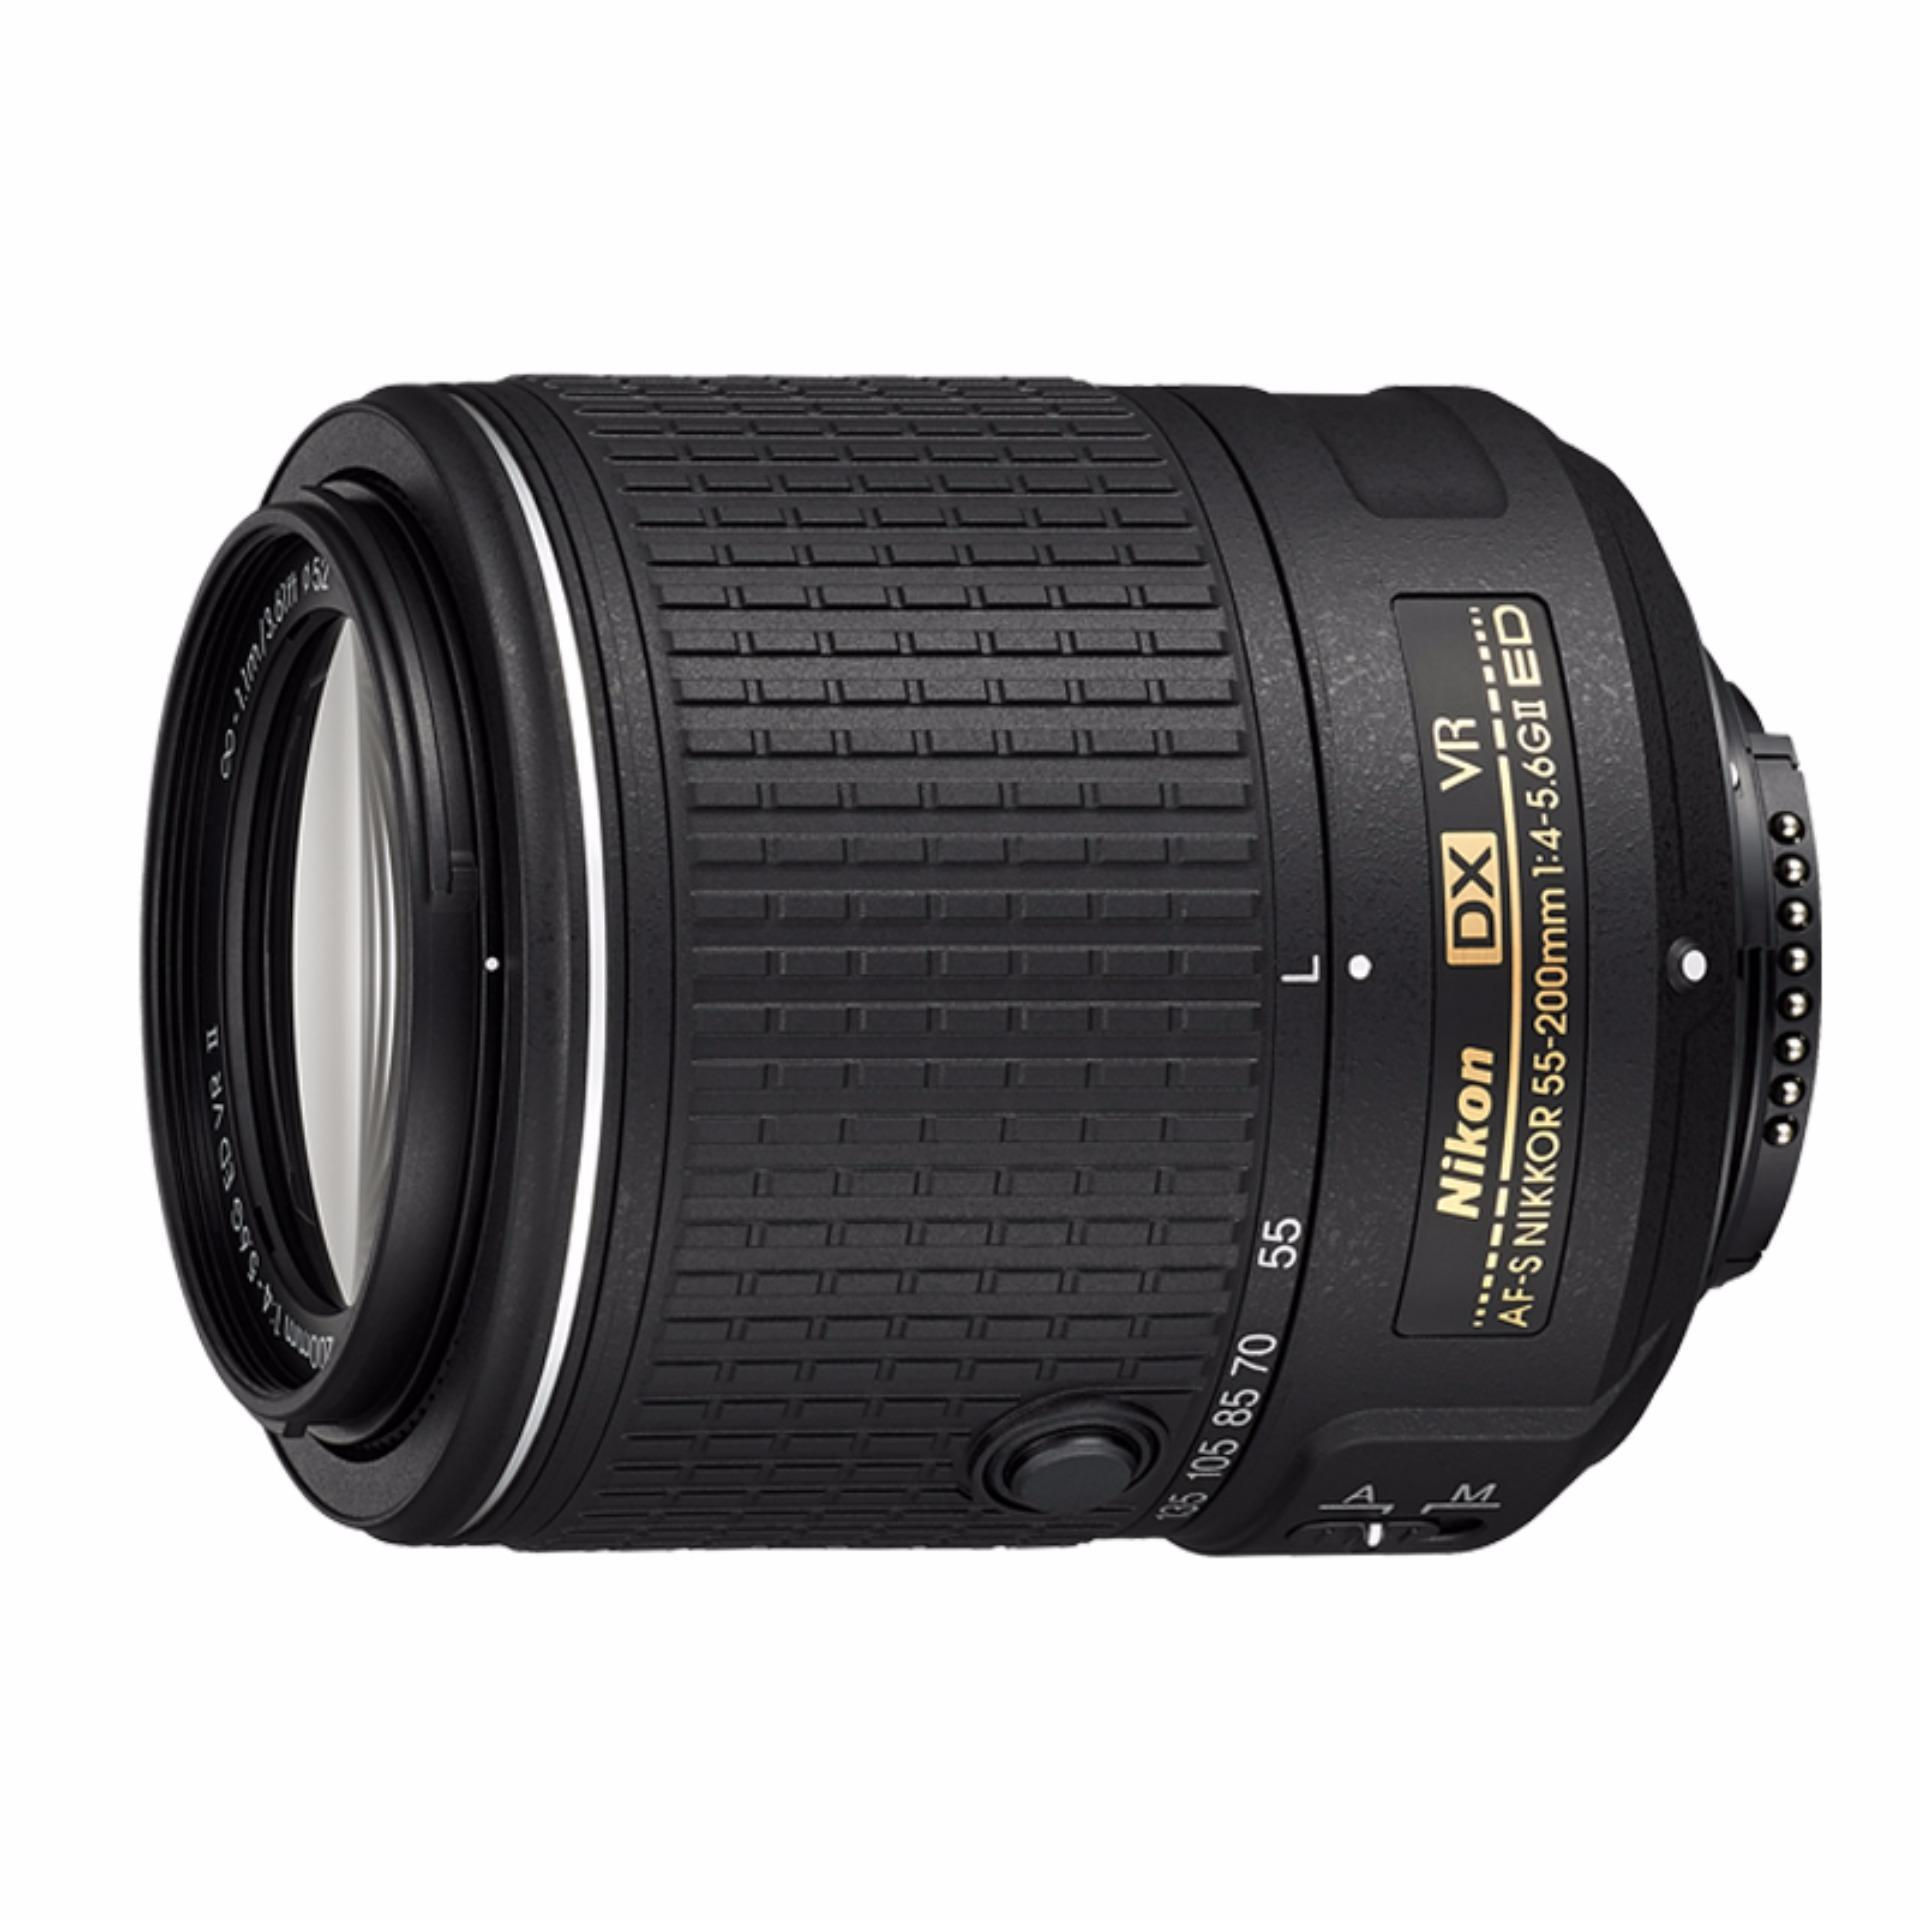 Lensa Nikon AF-S 55-200MM F/4-5.6G ED DX VR II - Hitam